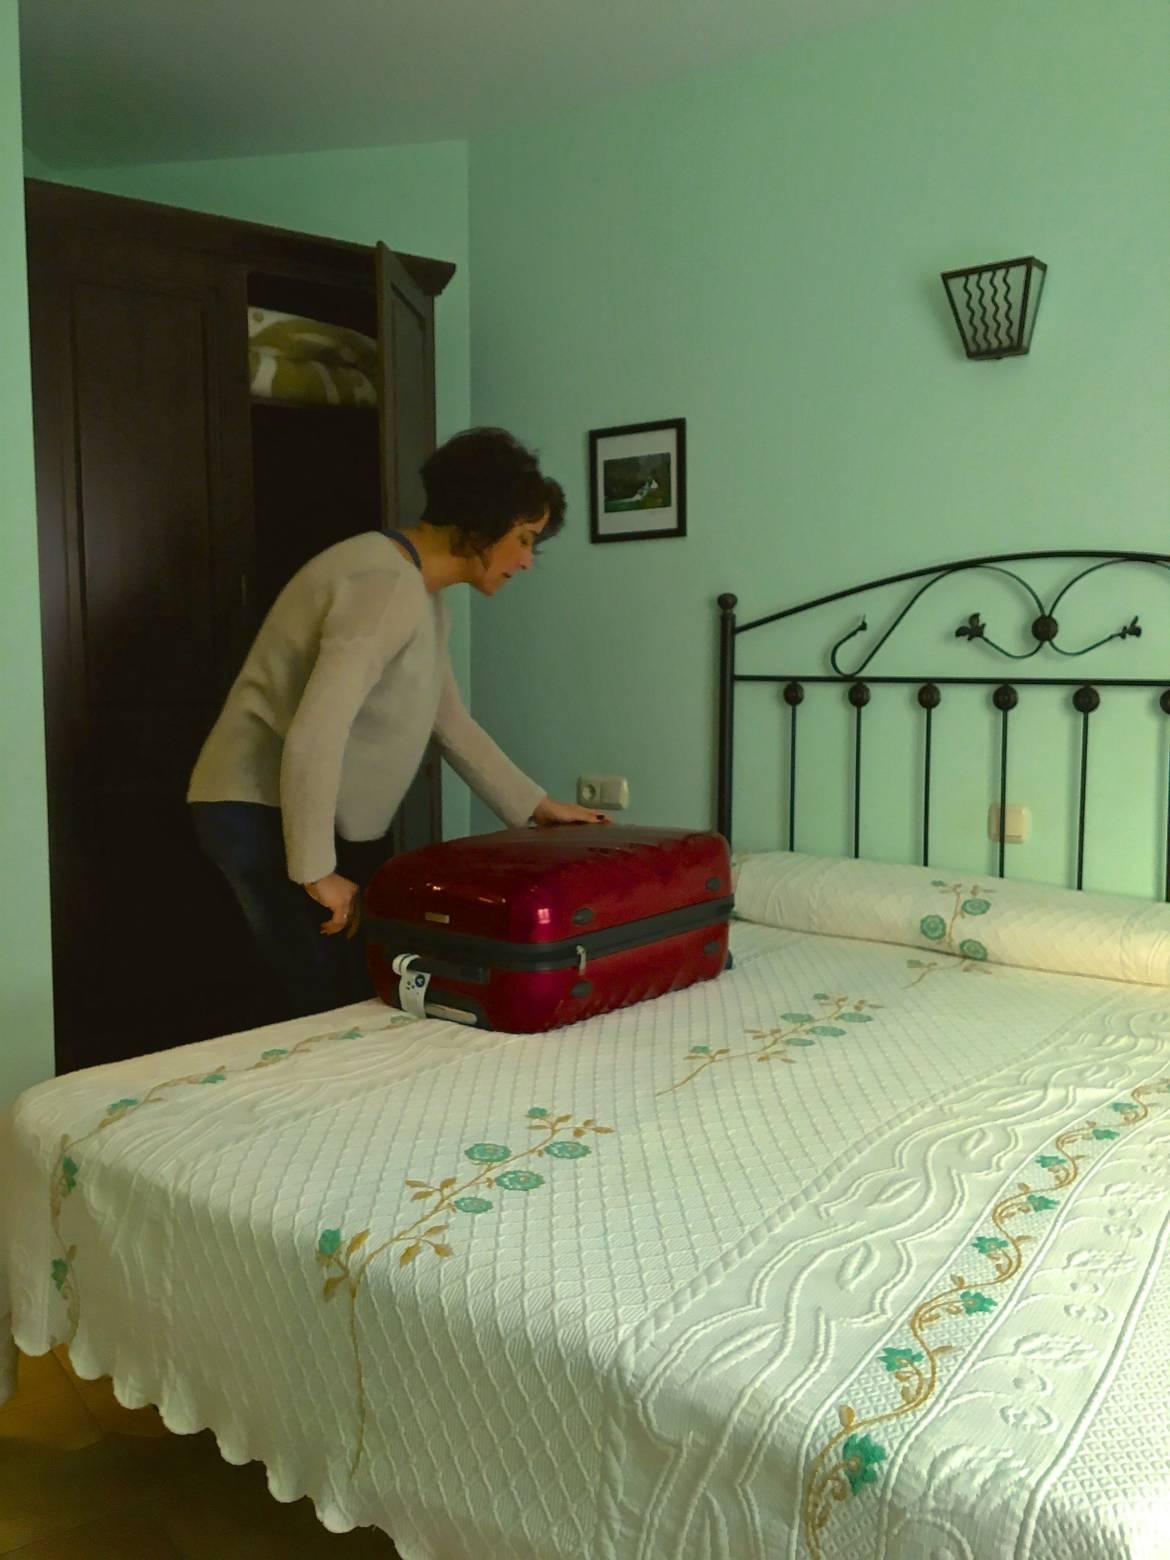 Alquiler-puente-vacaciones-casas-rurales-grandes-Navarra-Orbara-Etxea-Mendigorria-28.jpg